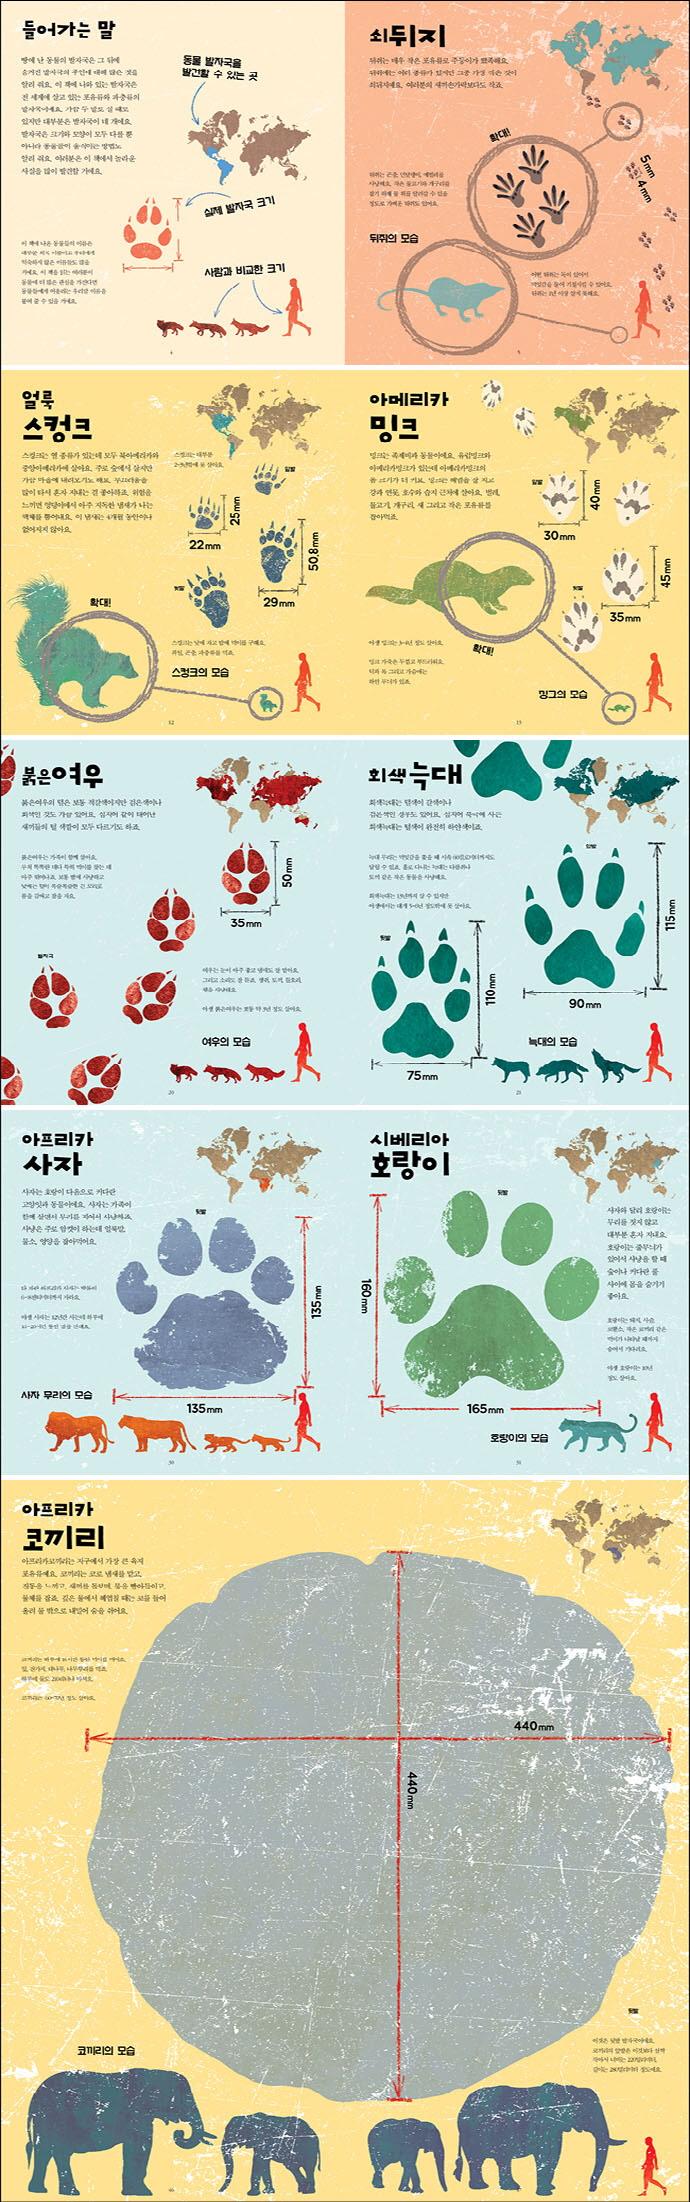 사자 대 호랑이 누구 발자국이 더 클까?(양장본 HardCover) 도서 상세이미지